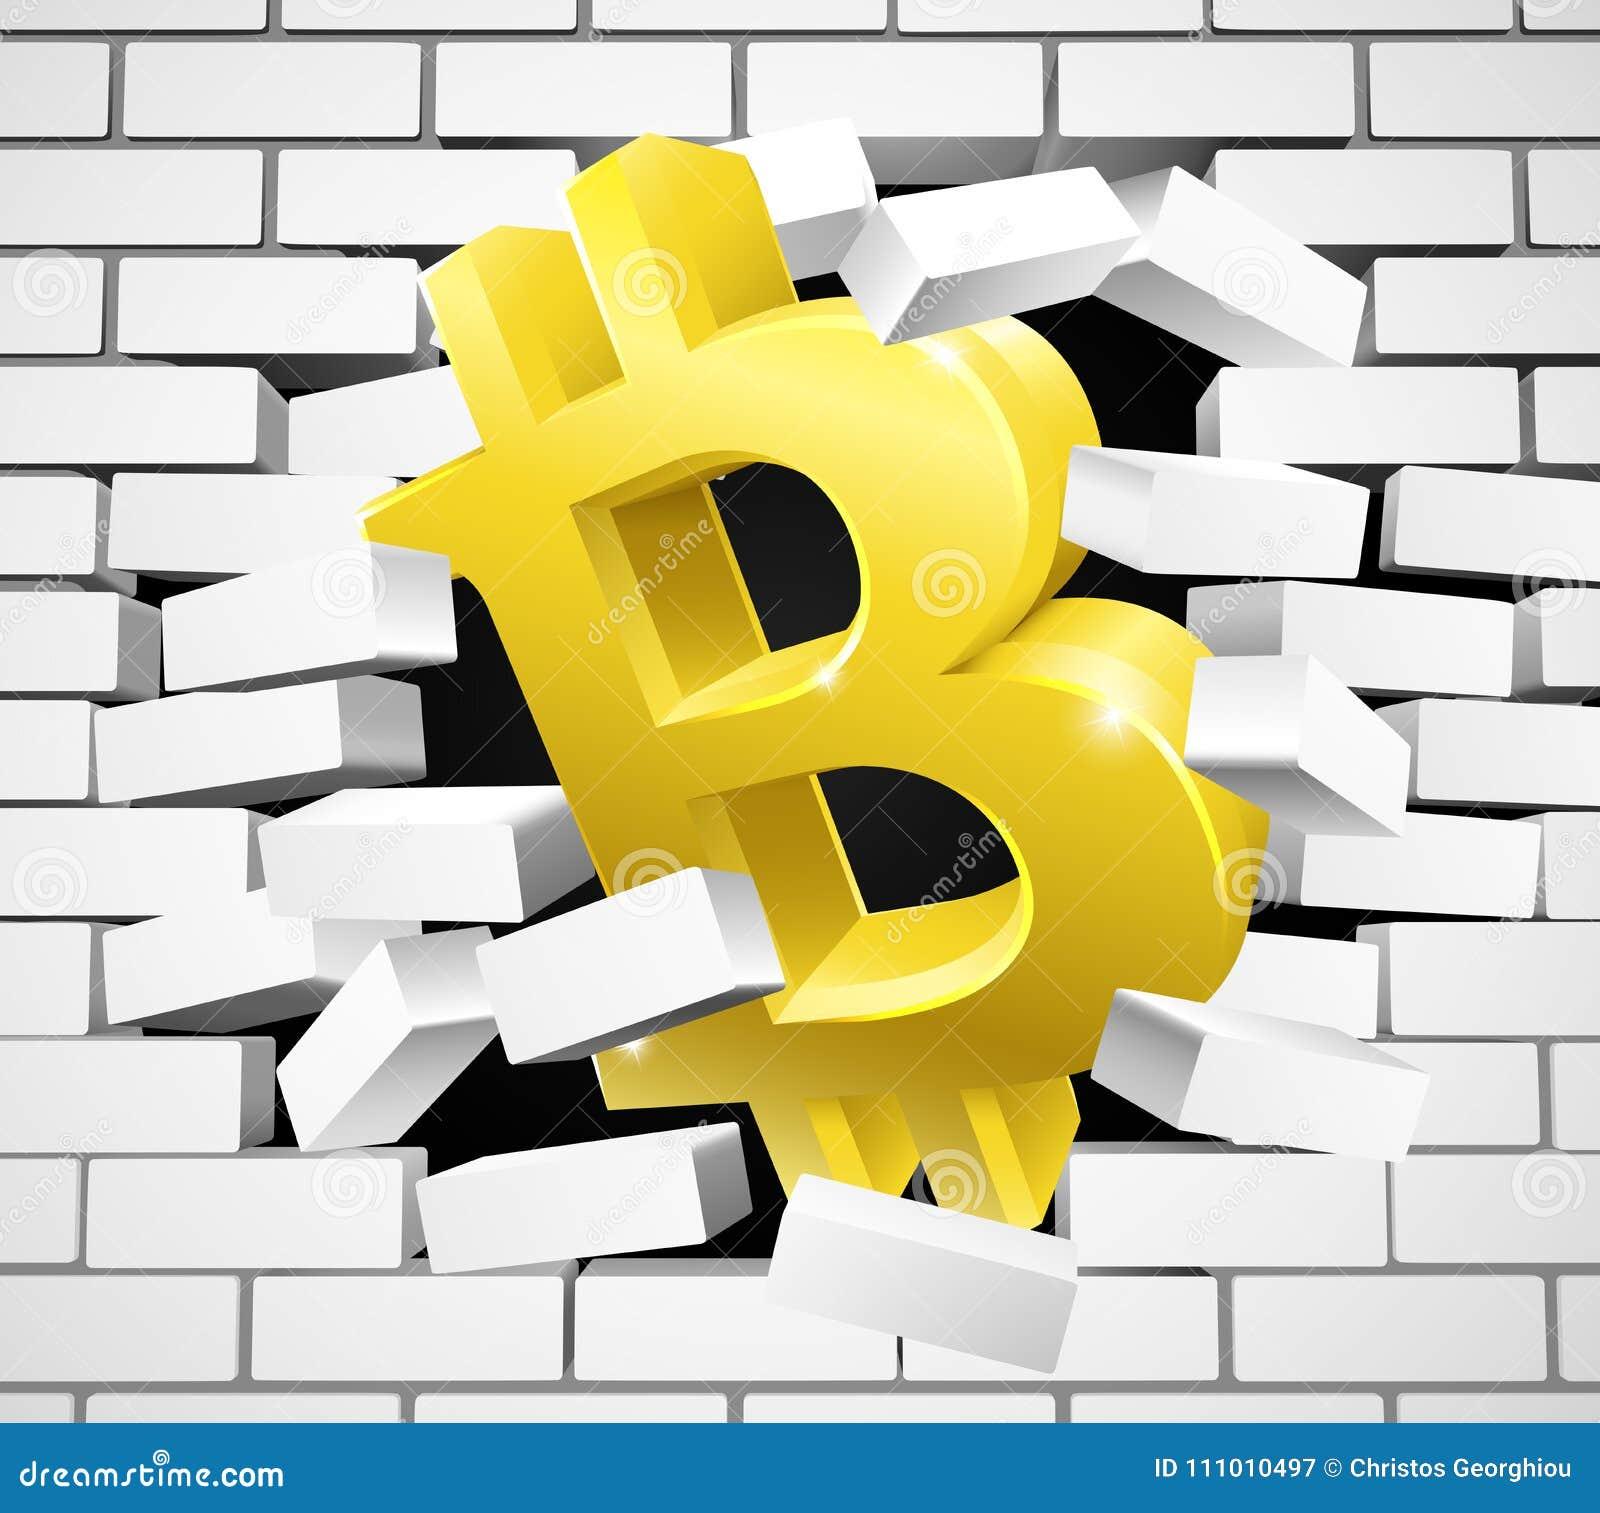 disegno bitcoin)